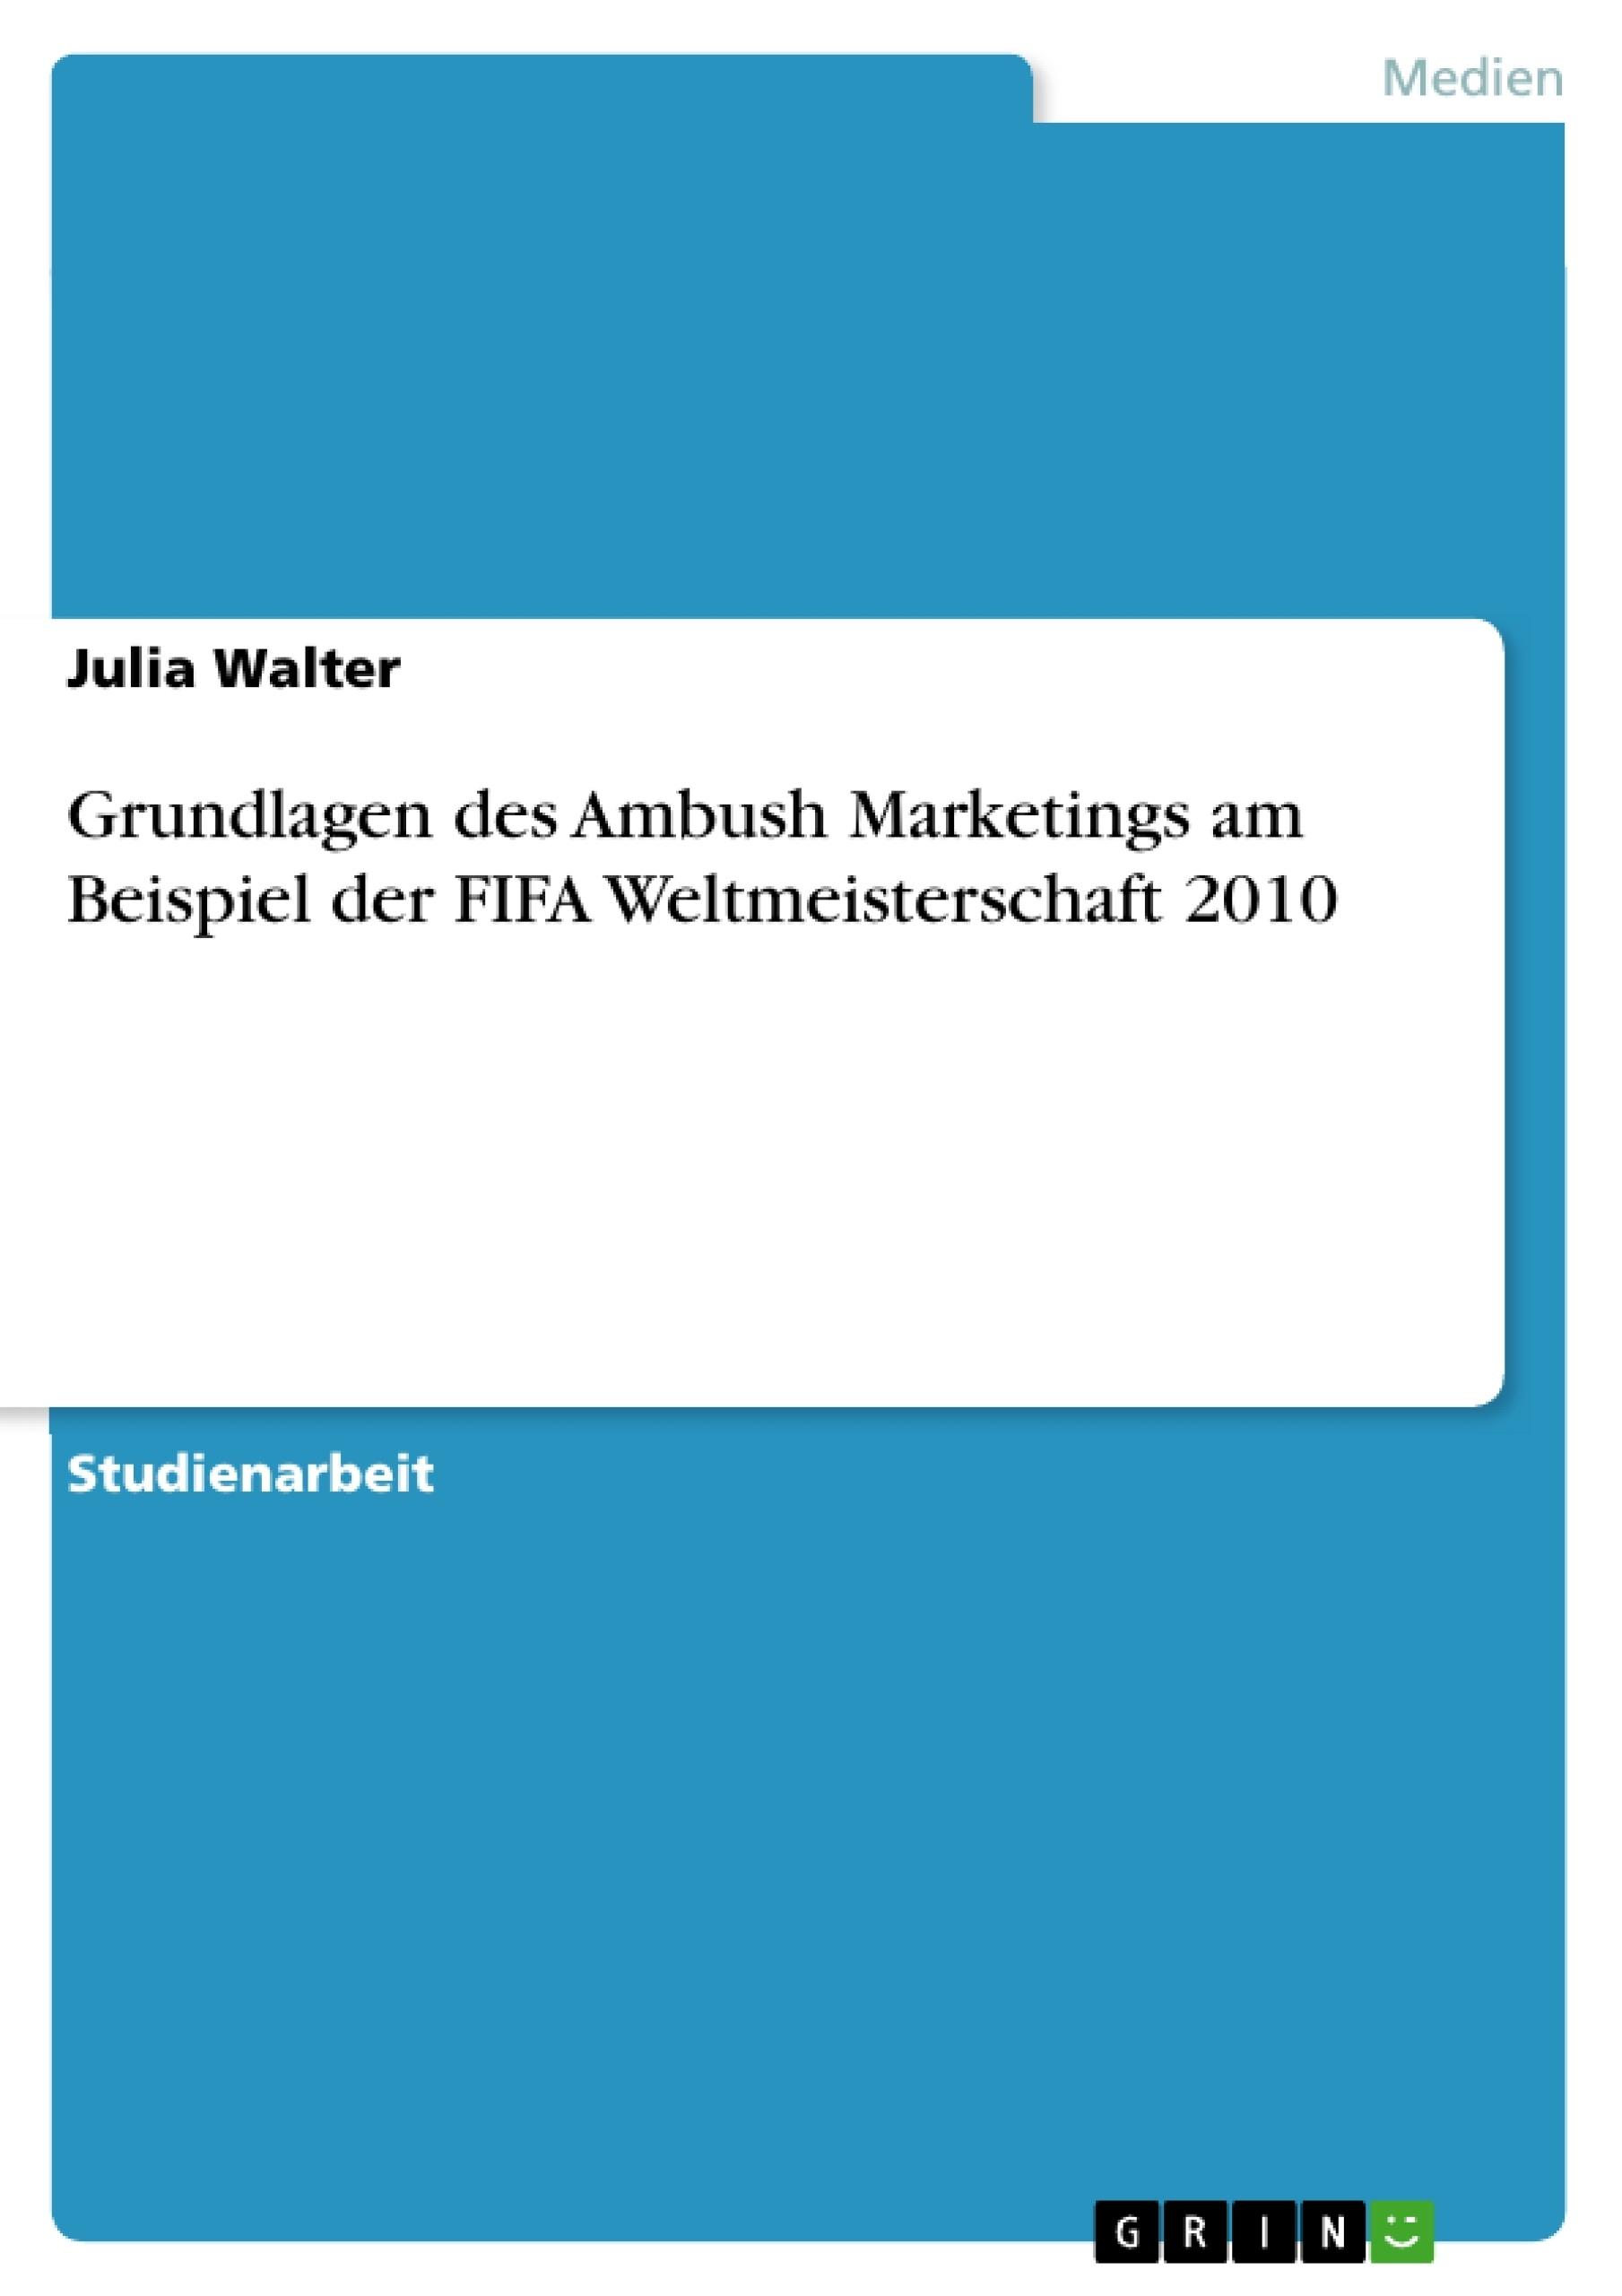 Titel: Grundlagen des Ambush Marketings am Beispiel der FIFA Weltmeisterschaft 2010